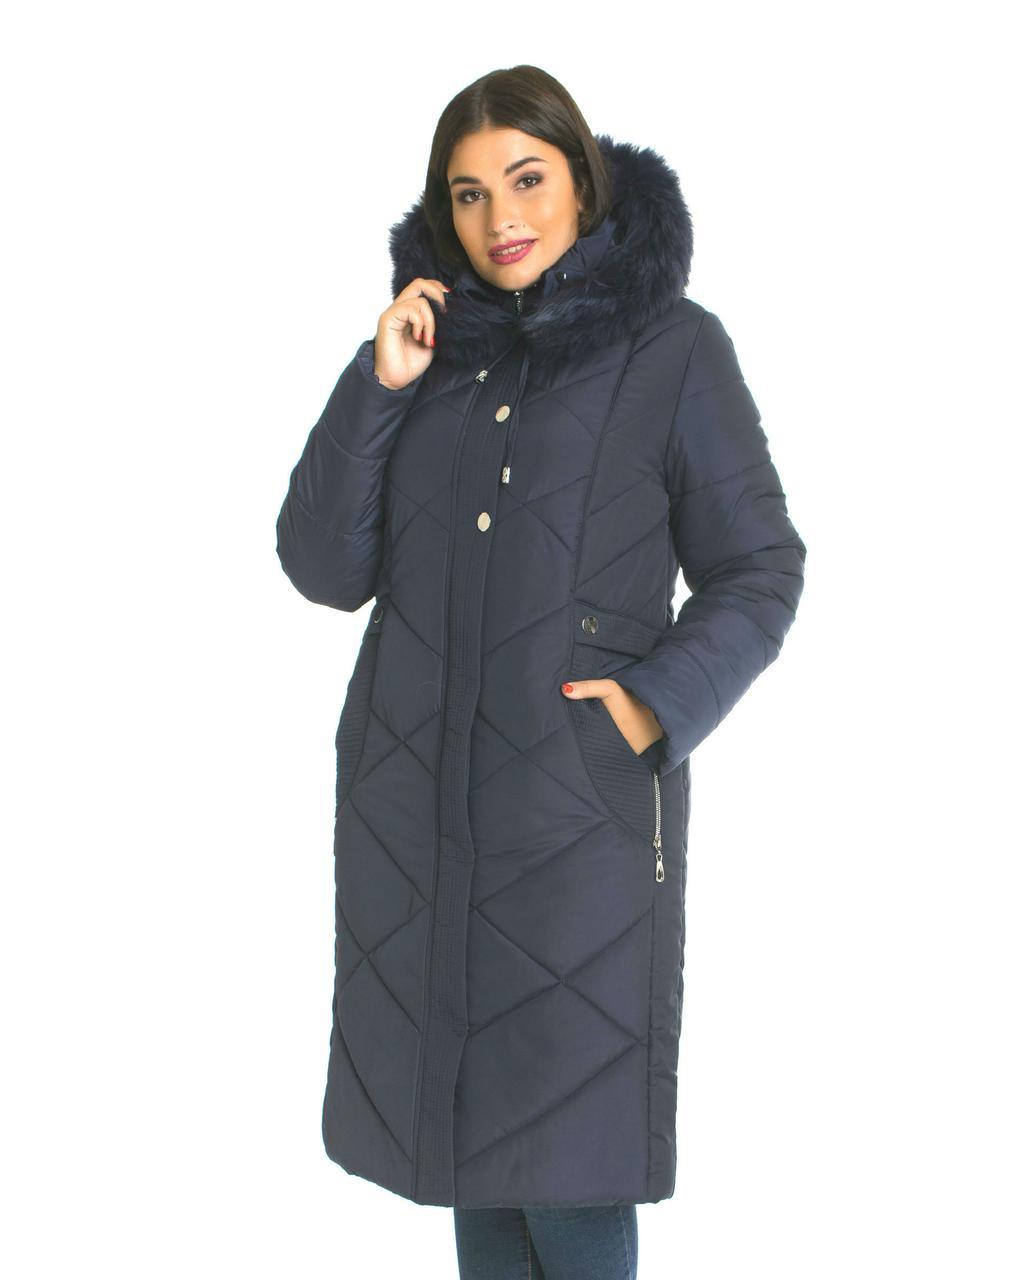 Пуховик с мехом купить   Куртки от производителя LIARDI fbf82d07f23